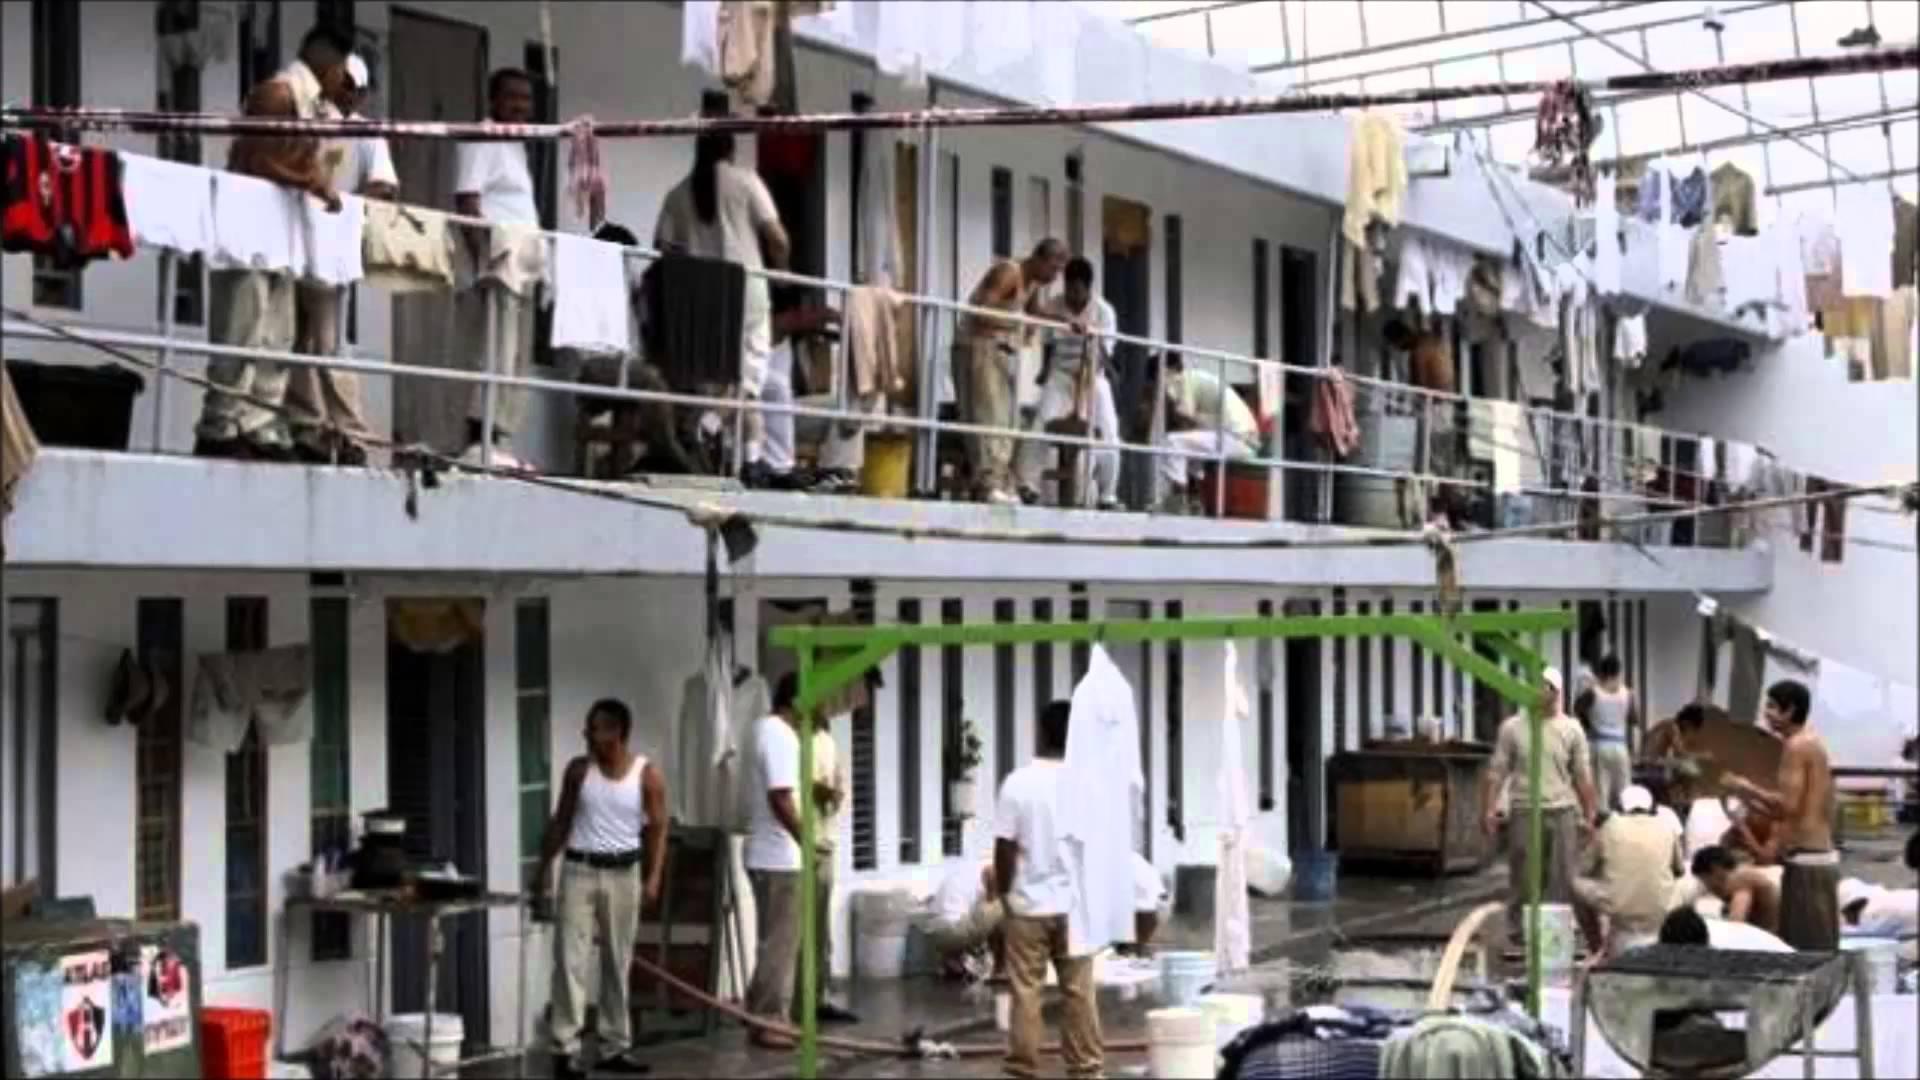 El hacinamiento es una constante en las cárceles del país. Foto: themexicantimes.mx